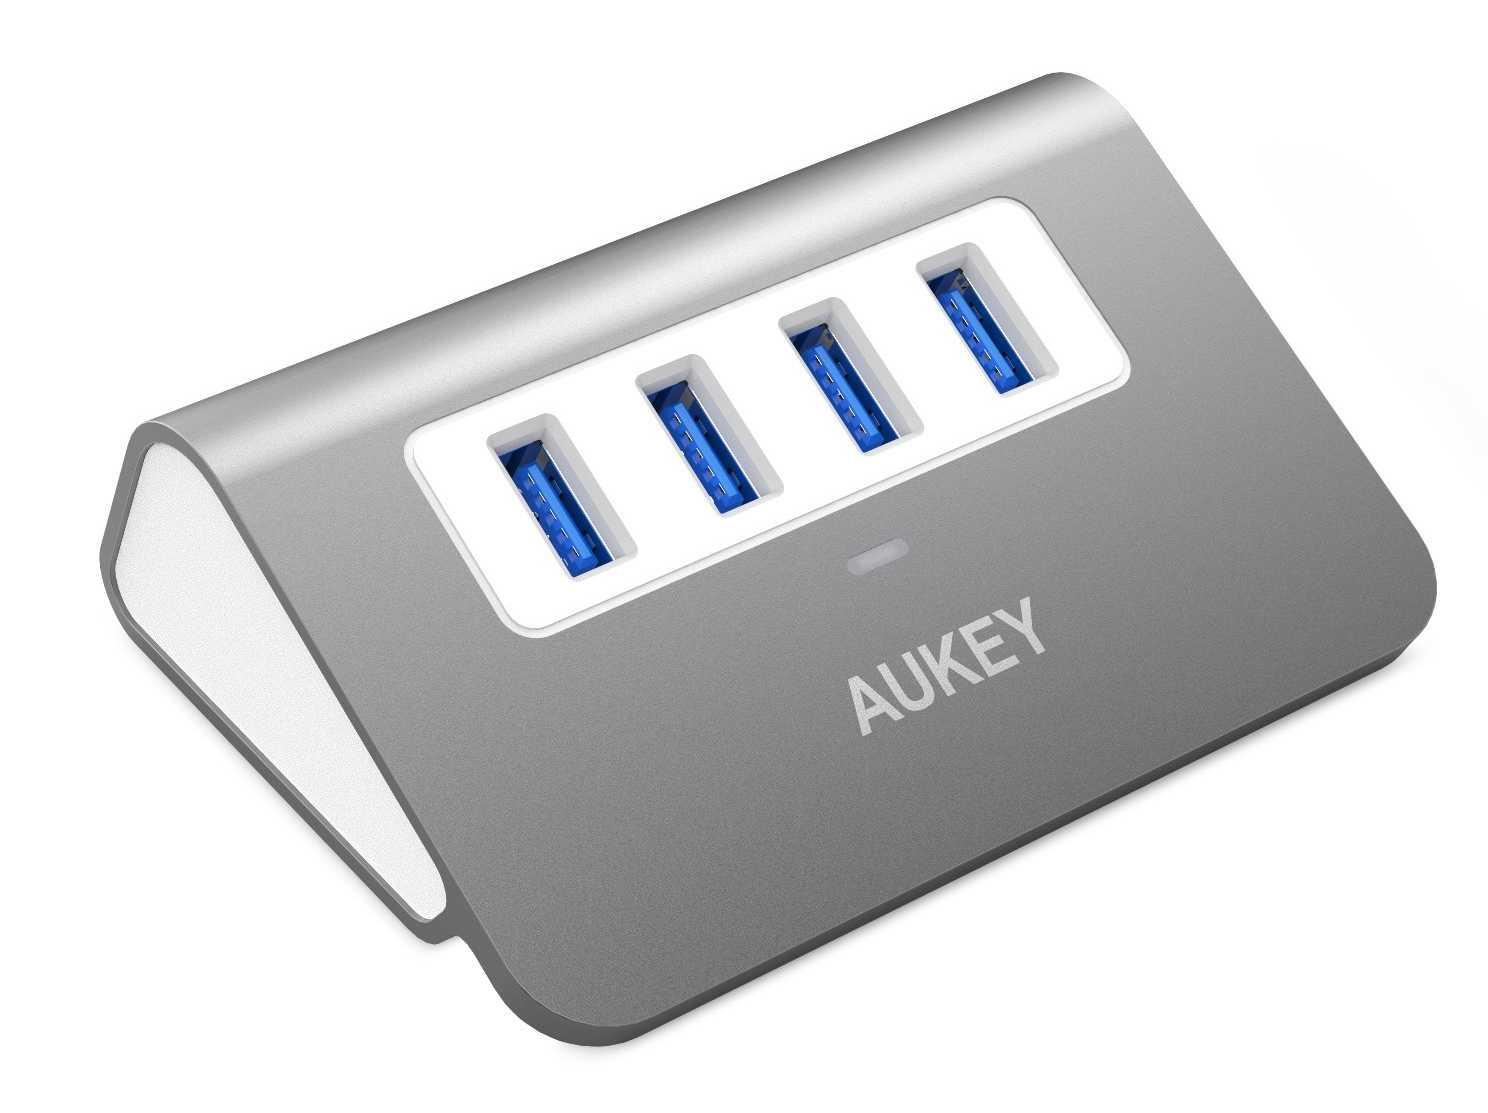 hub-usb-aukey